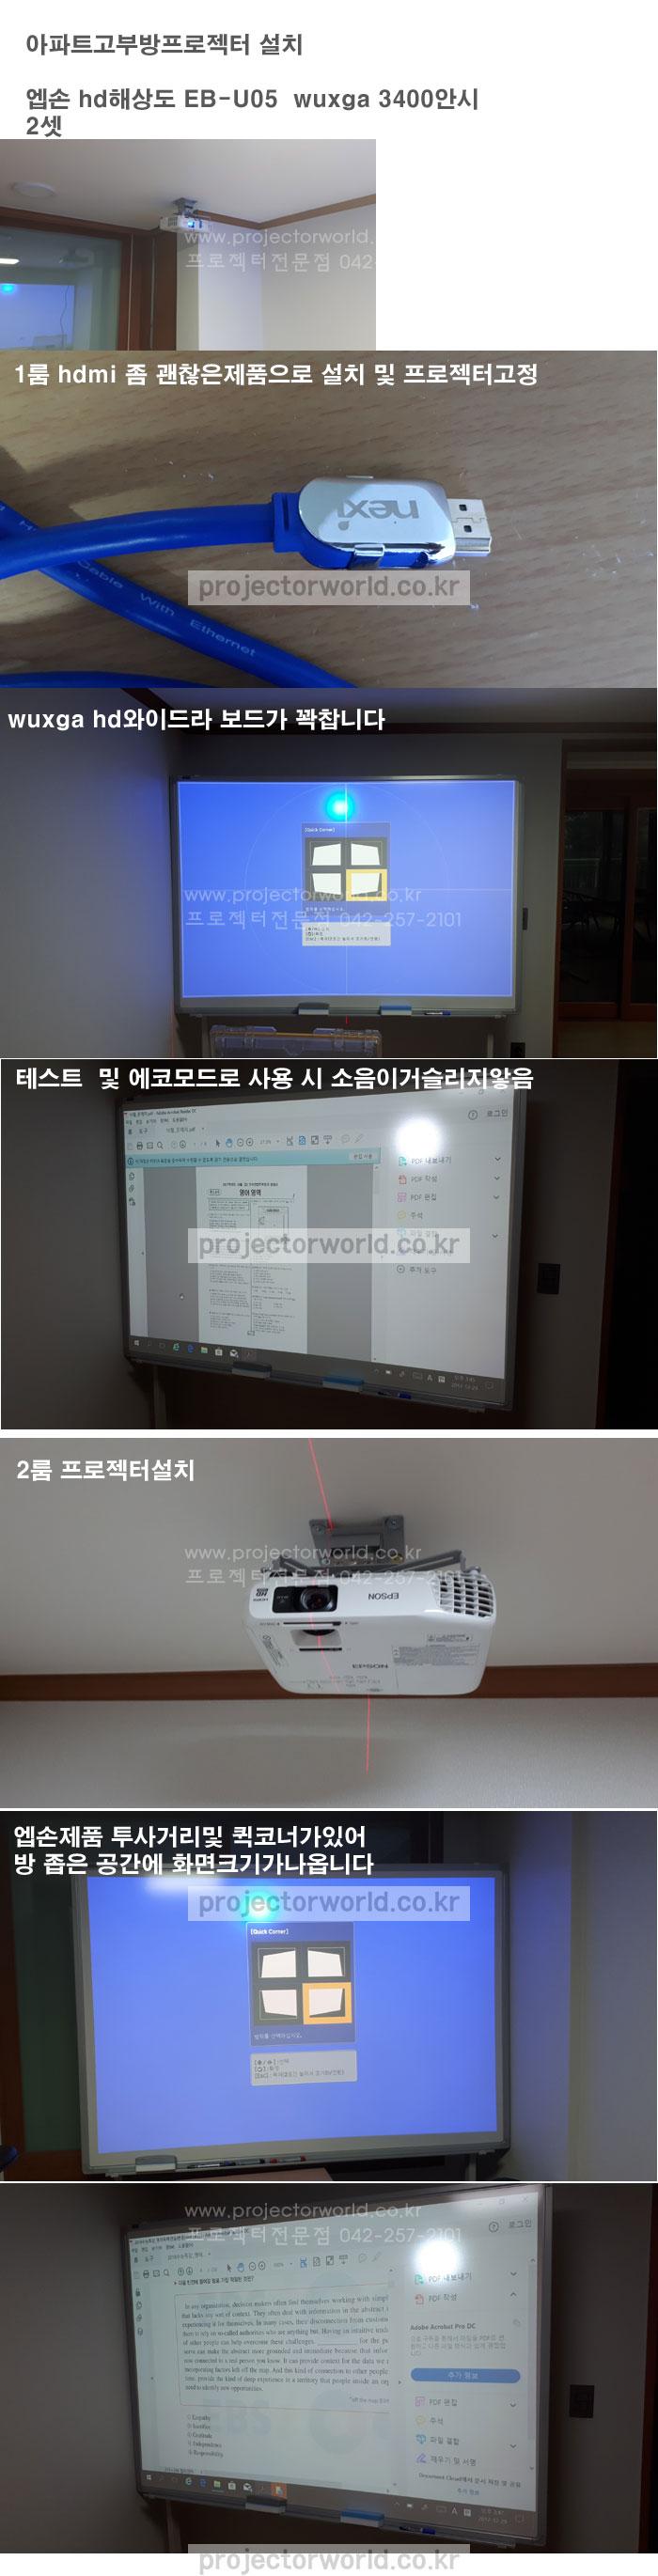 EB-U05,공부방프로젝터,교습용가정빔설치,